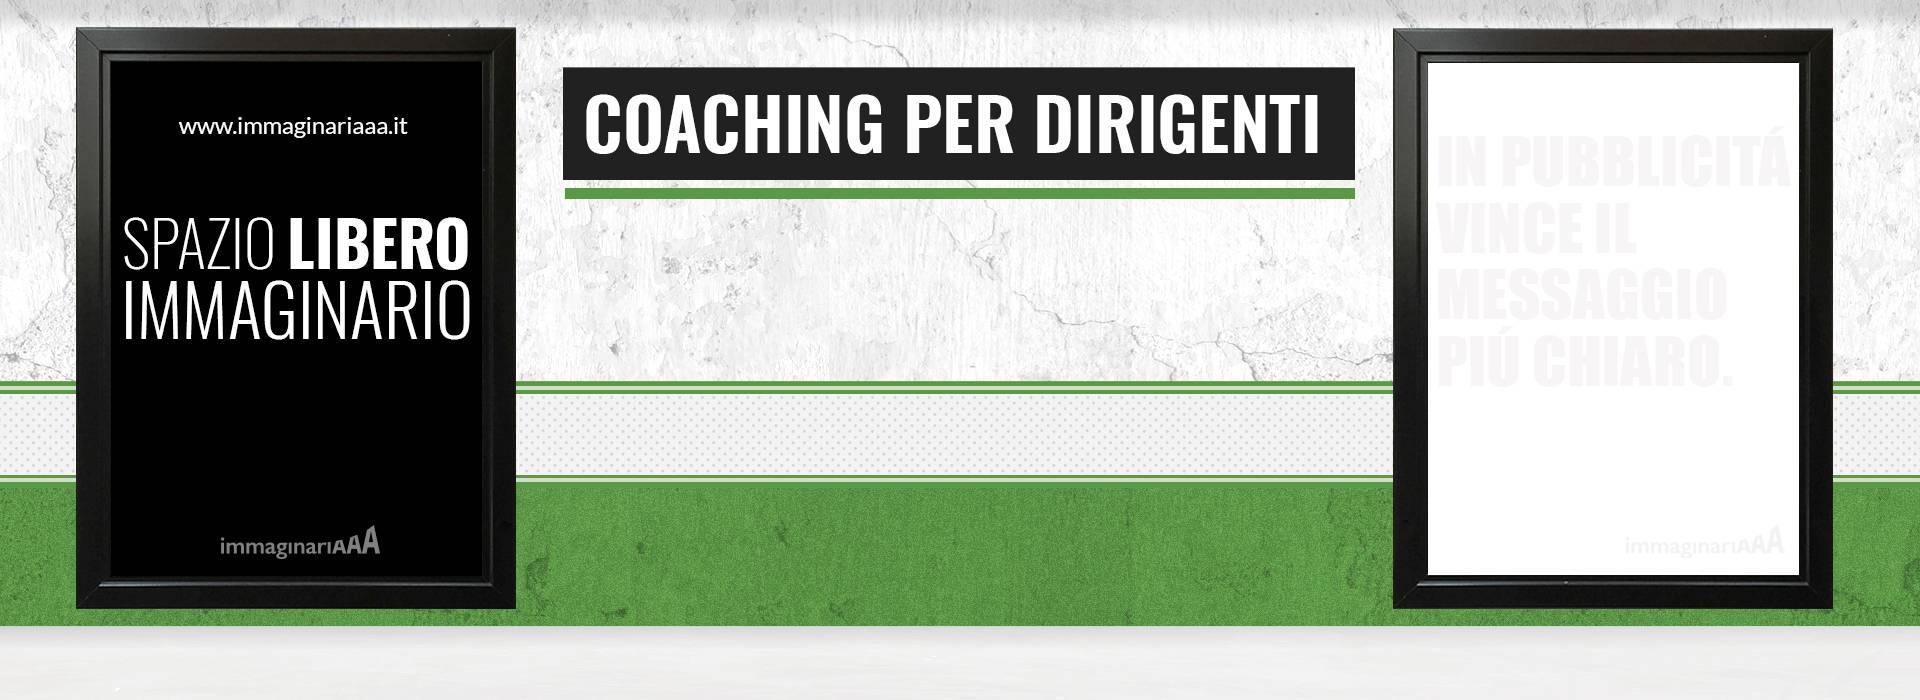 Coaching per dirigenti